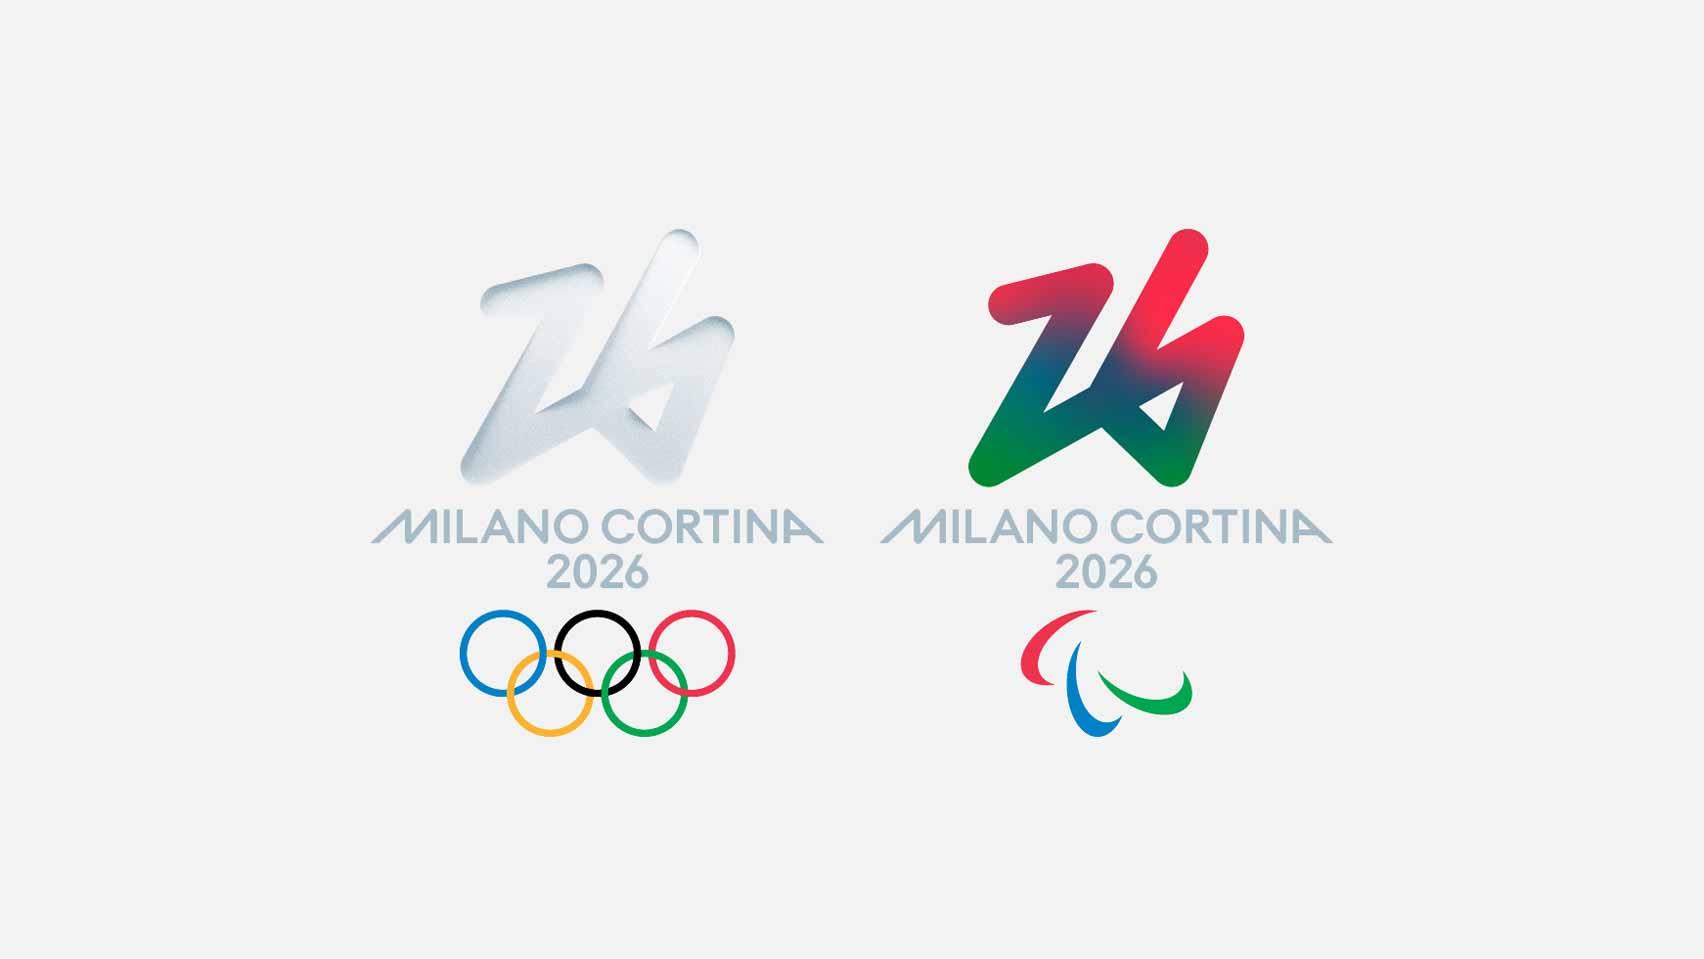 После публичного голосования объявлен логотип зимних Олимпийских игр 2026 года